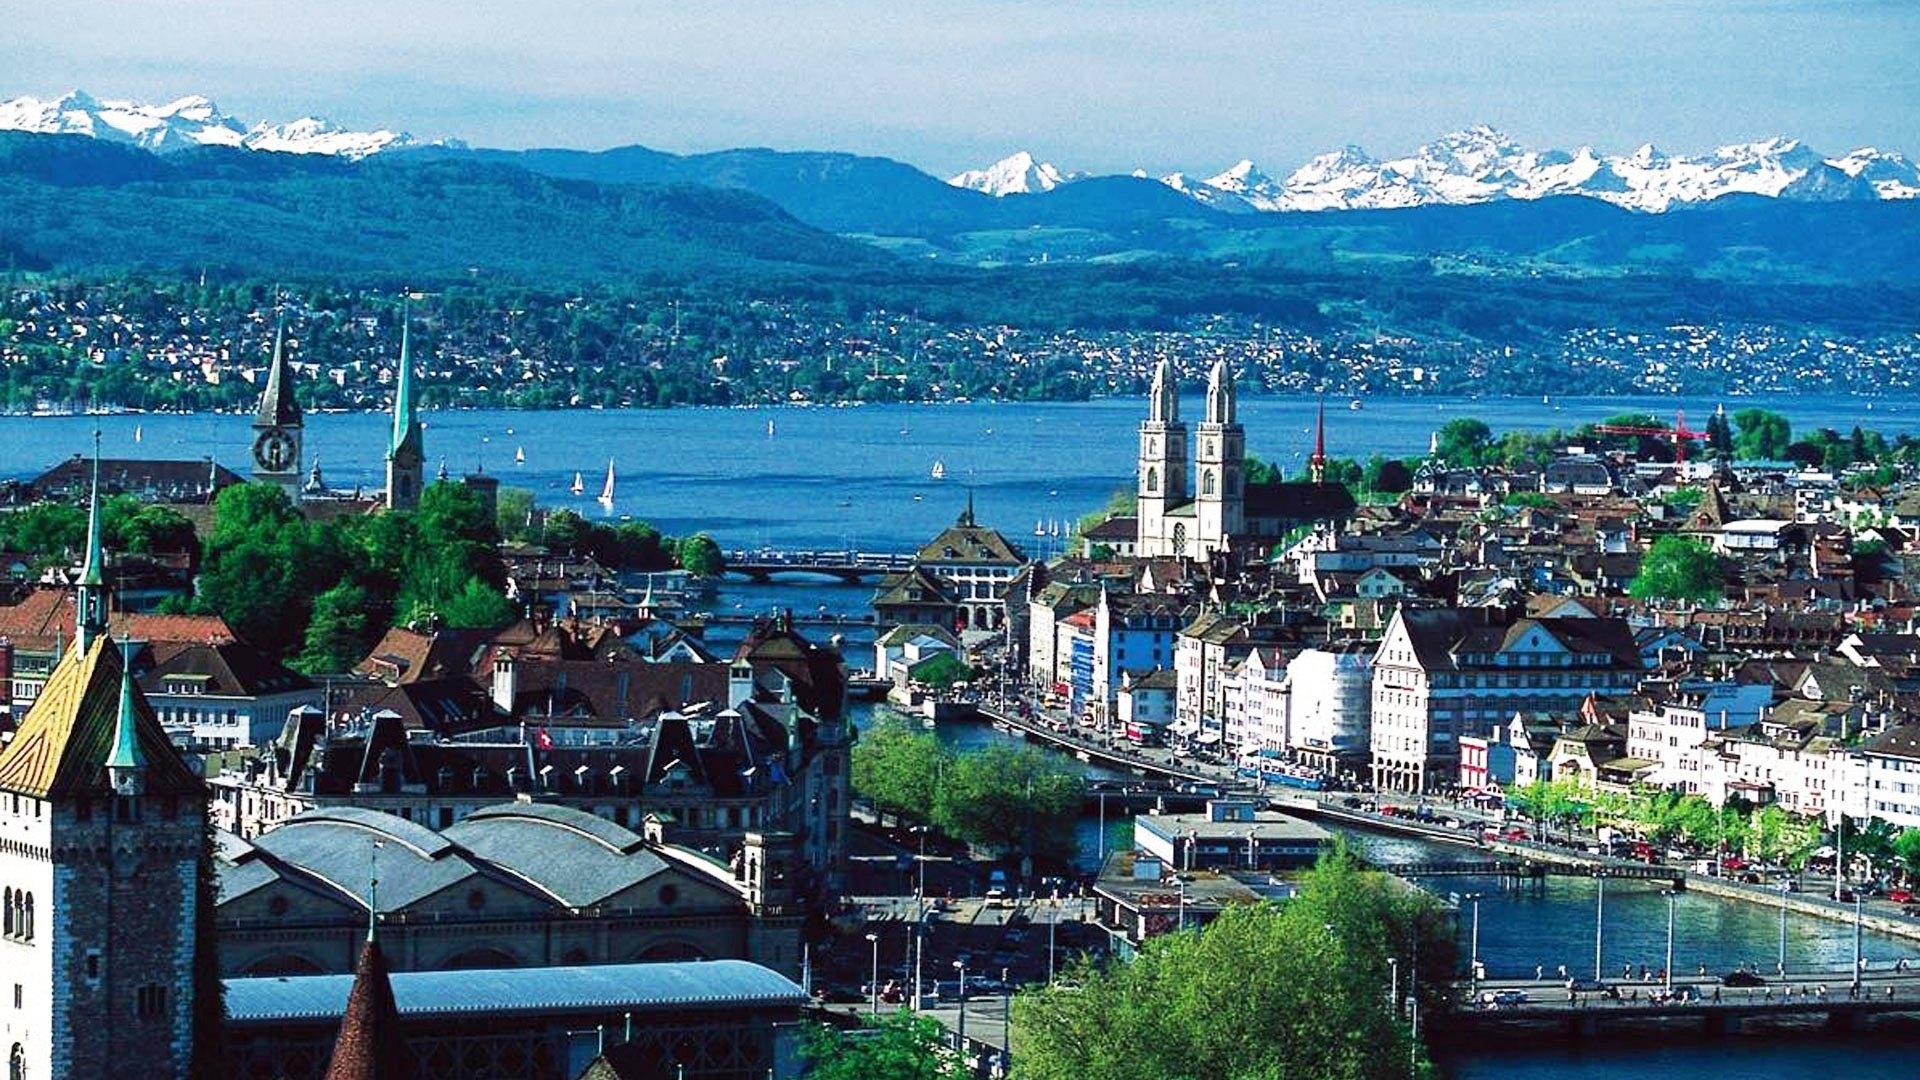 Город Цуг в северо-центральной Швейцарии заслужил прозвище «Крипто-Долина»